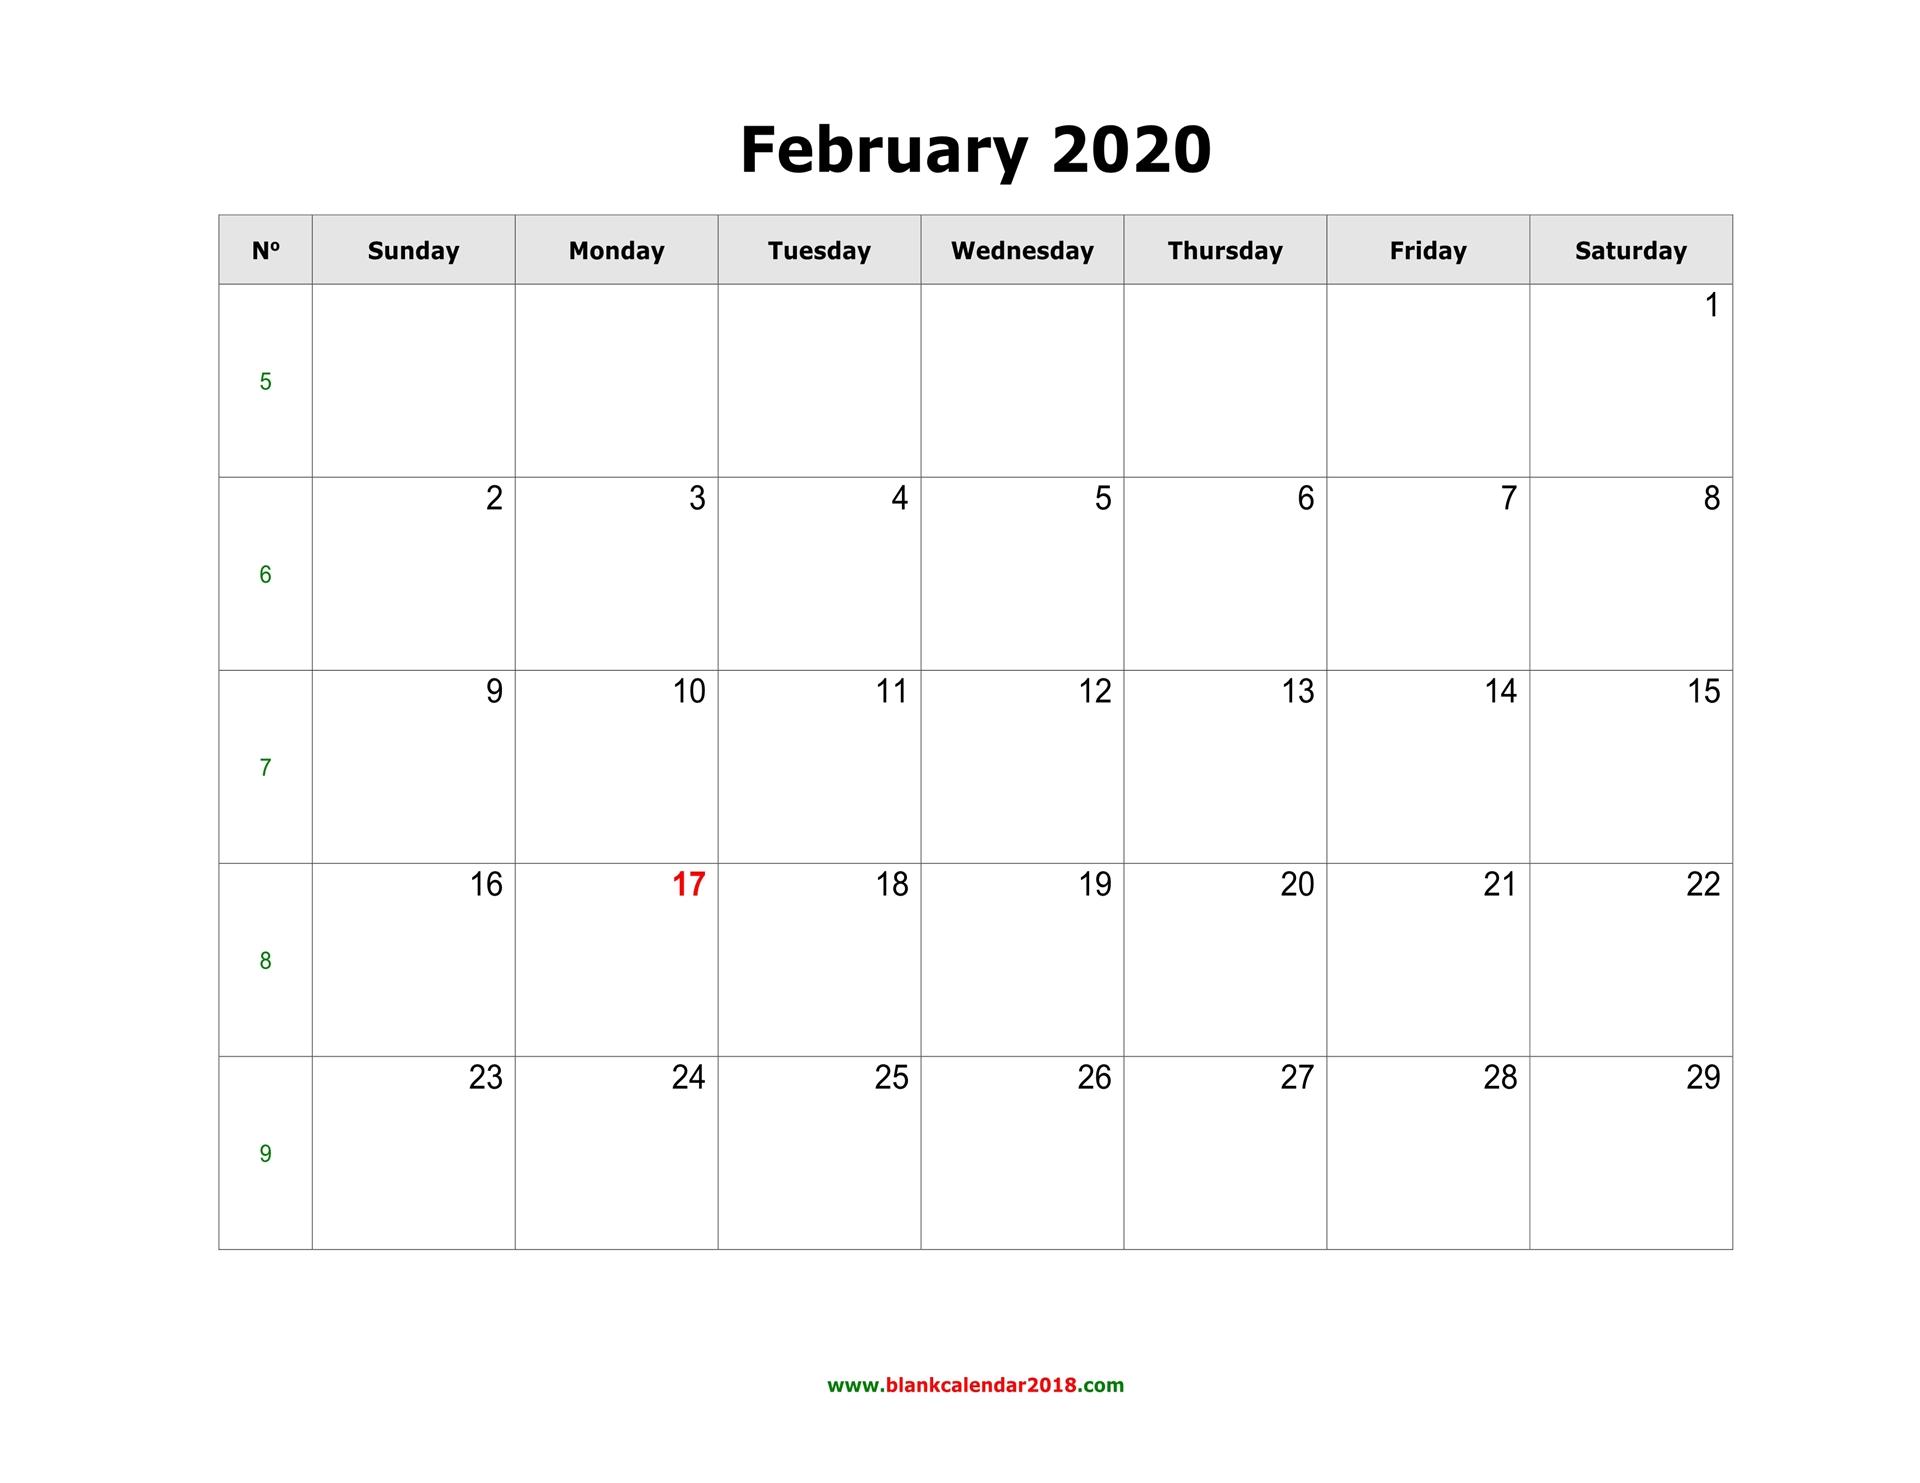 Blank Calendar For February 2020 inside Fill In Calendar Printable 2020